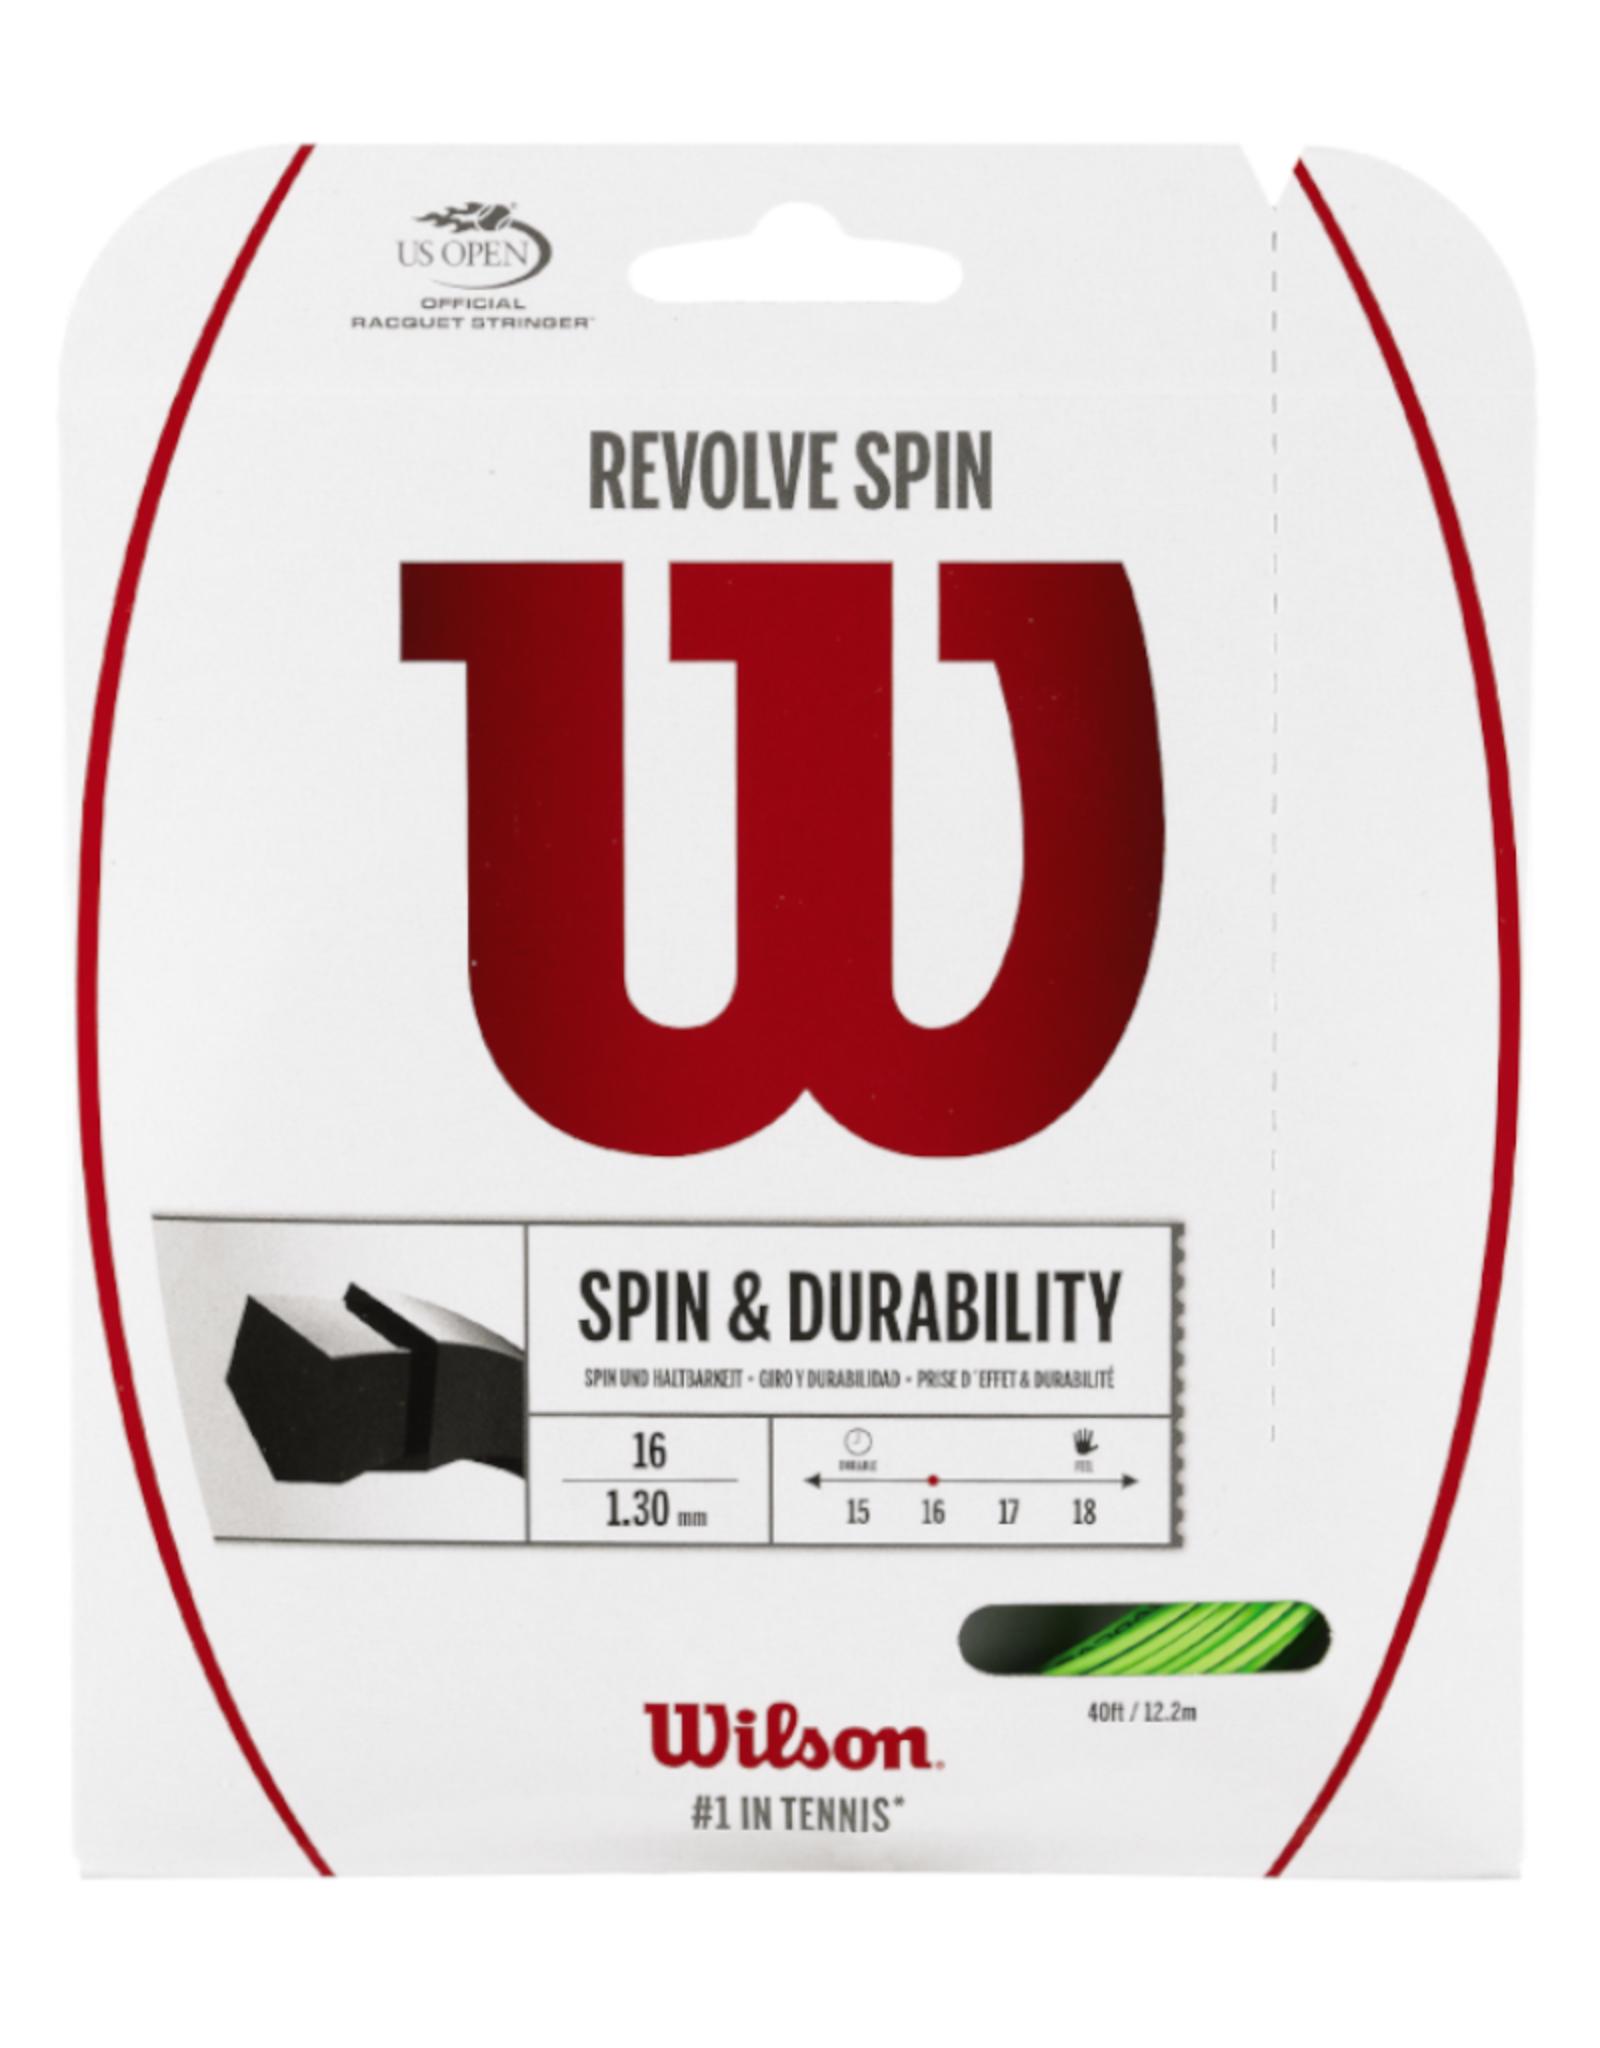 WILSON REVOLVE SPIN 16 FULL SET